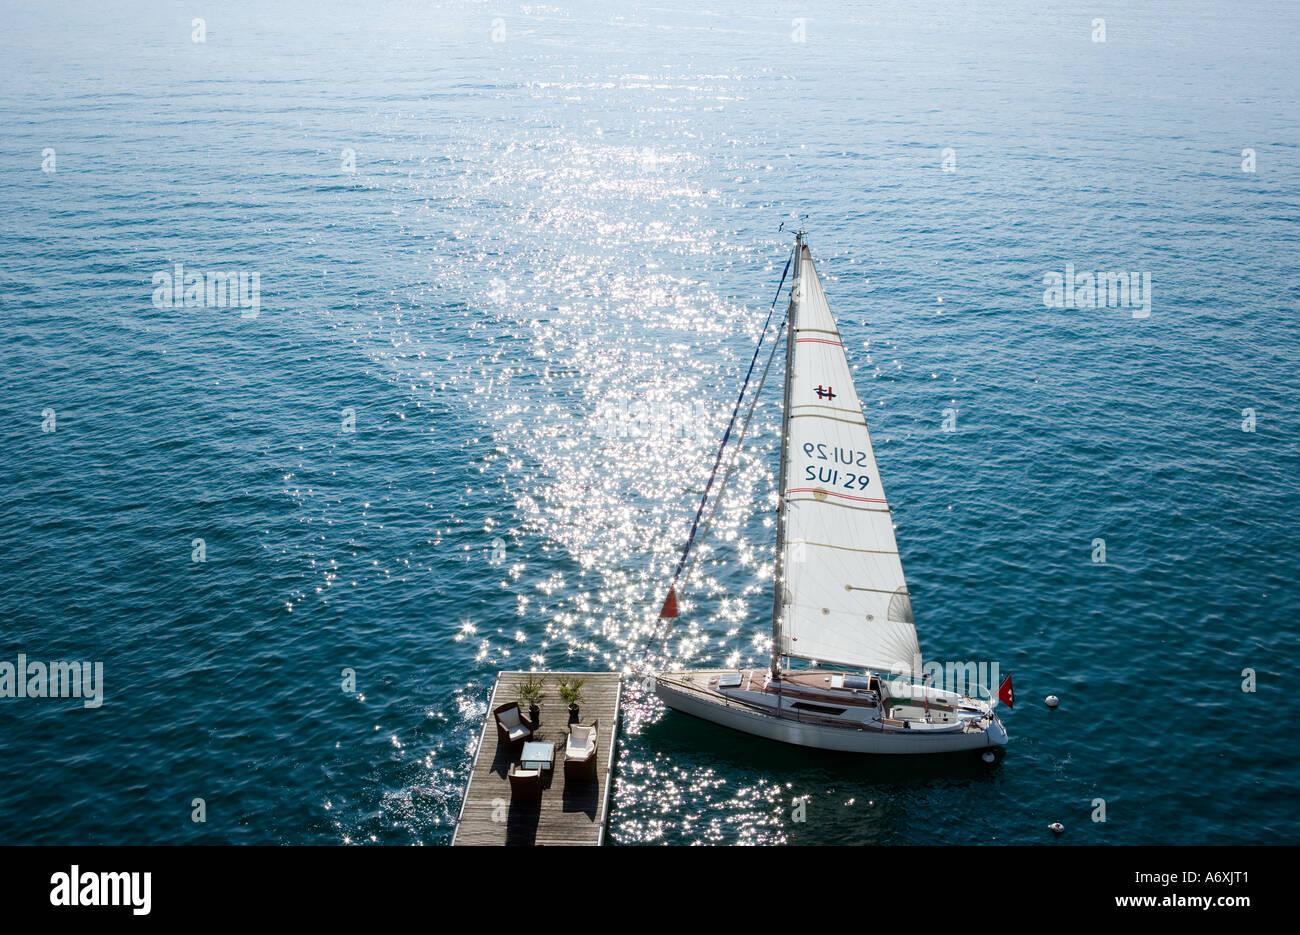 Switzerland Berner Oberland Yacht on lake Thunersee - Stock Image